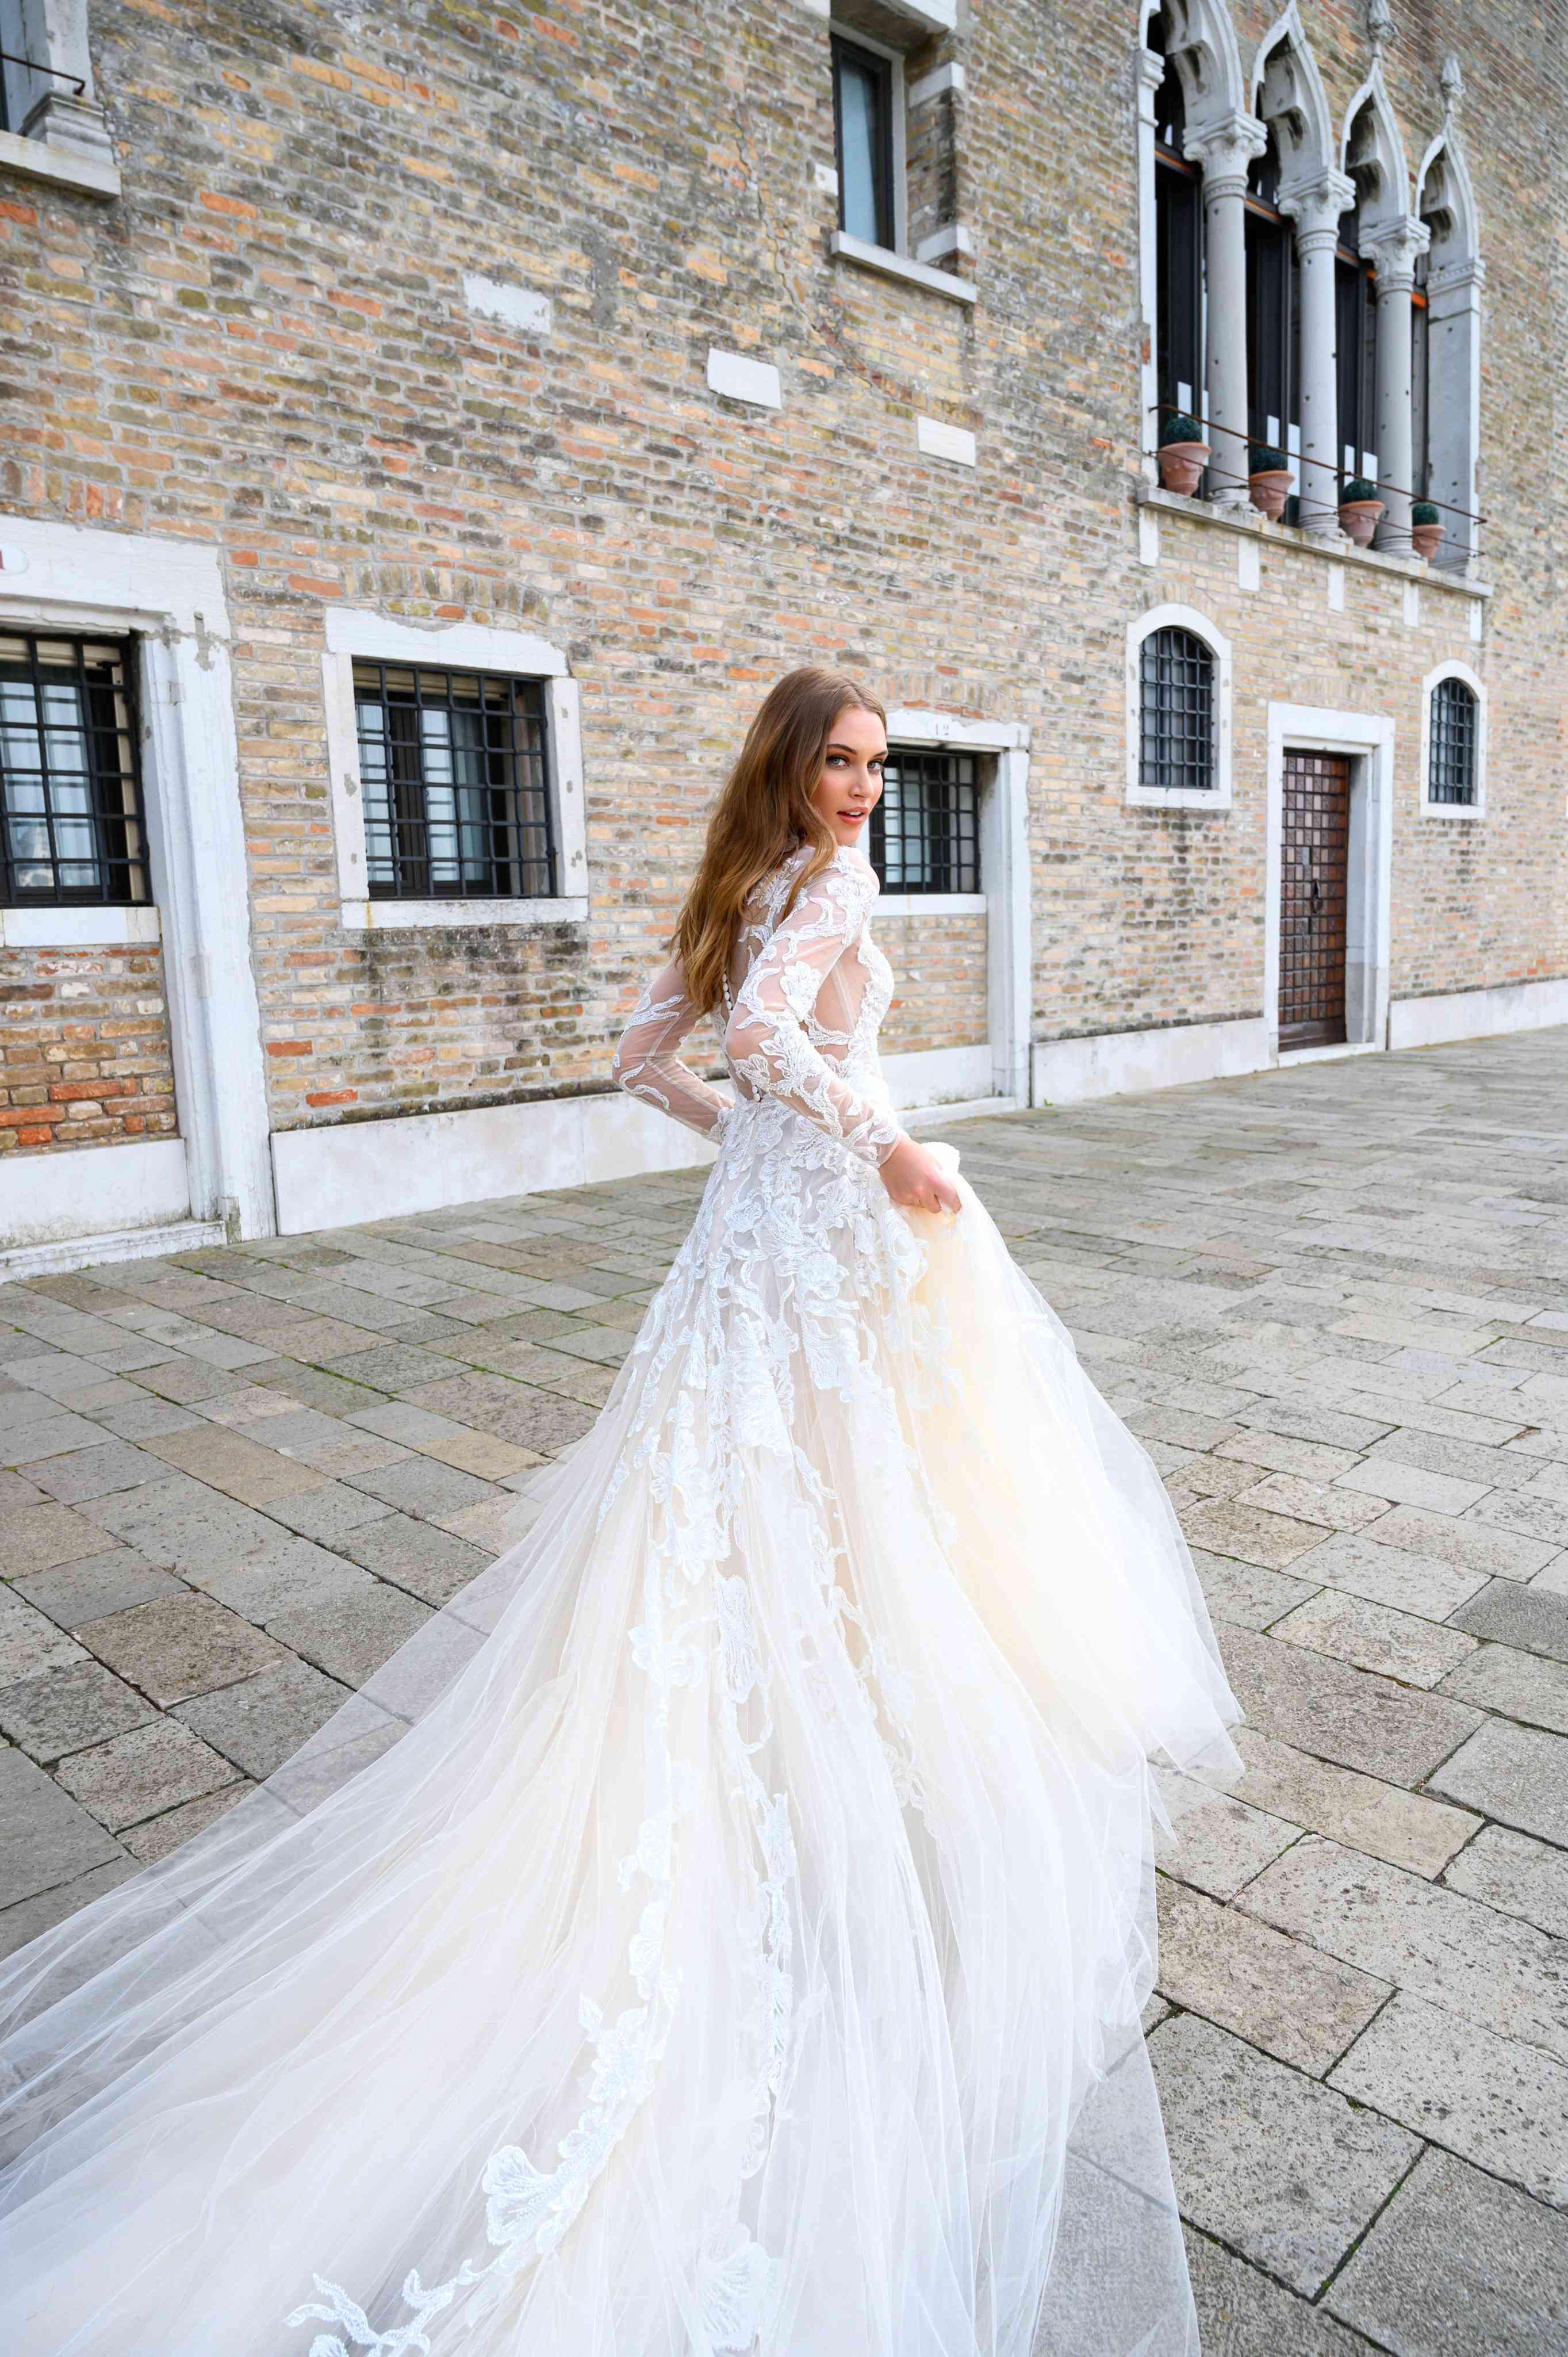 Bliss Monique Lhuillier Bridal & Wedding Dress Collection ...